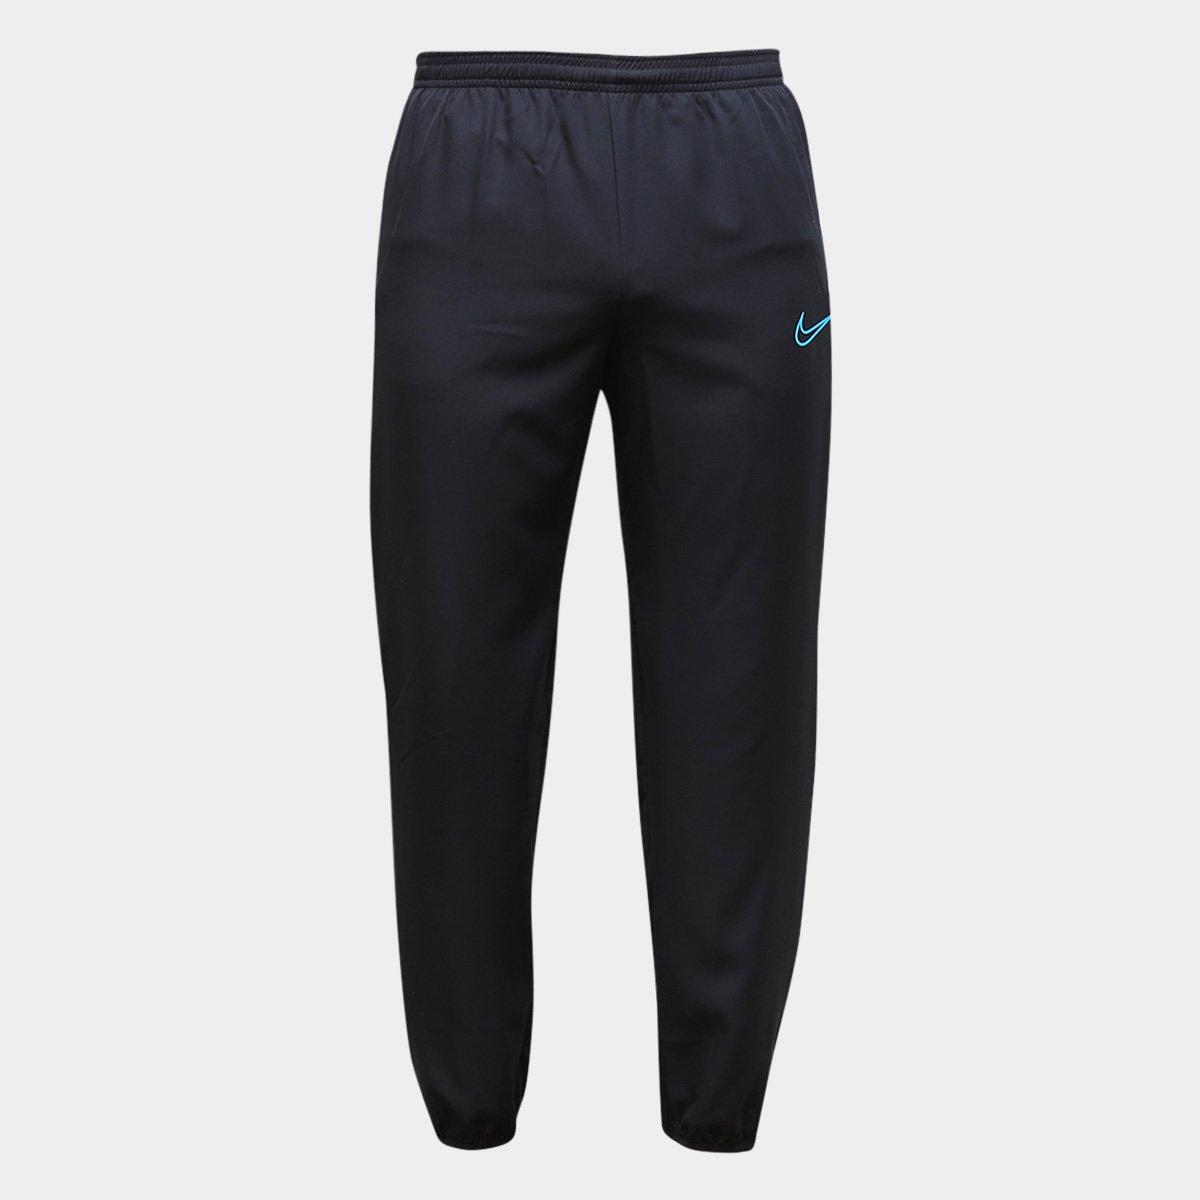 Calça Nike Academy WVN Dri-Fit Masculina